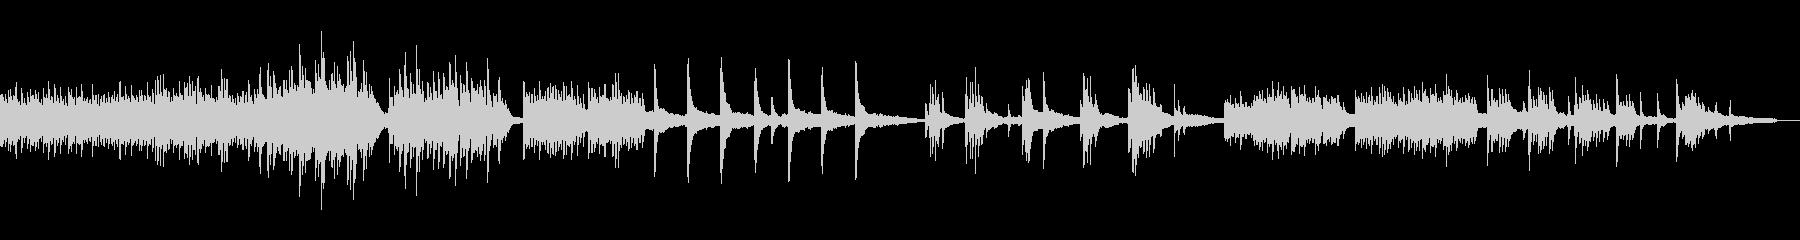 優しい音色のピアノ曲の未再生の波形